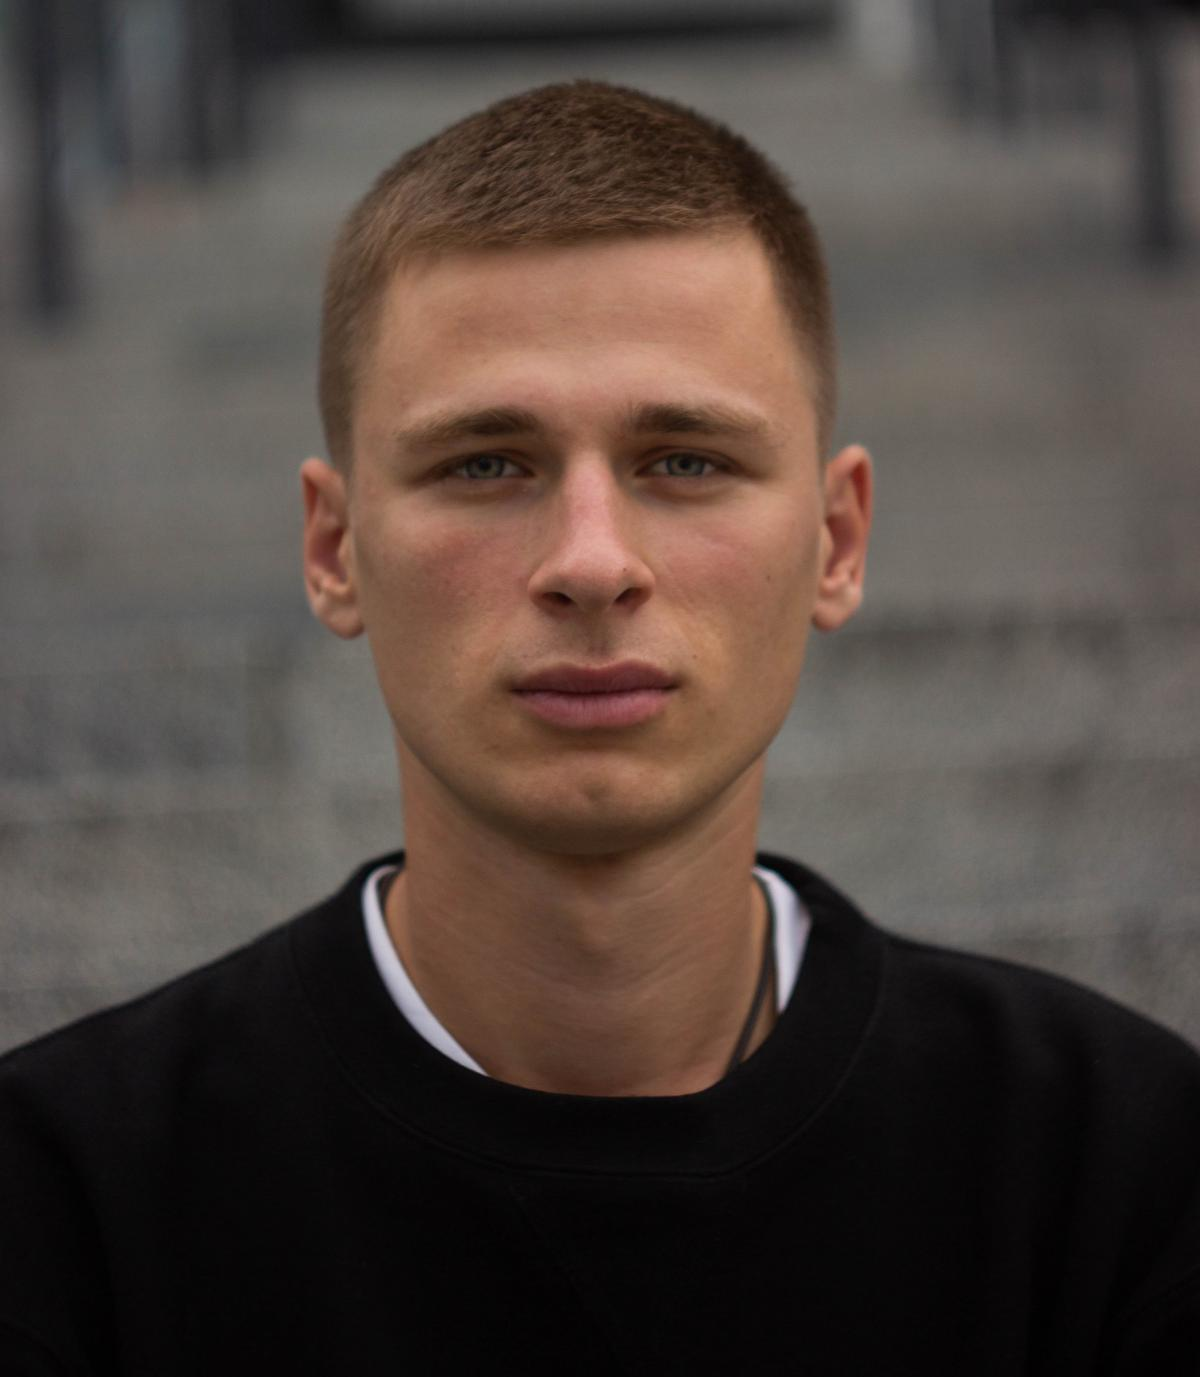 Лікар стверджує, що між запахом та феромоном не можна ставити знак рівняння / фотоСтаніслав Кравчук